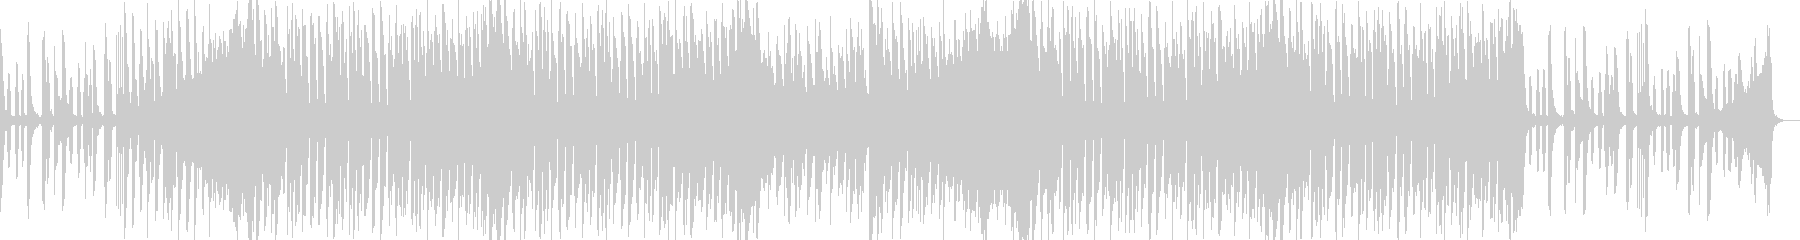 ノリノリカワイイポップな4つうちのBGMの未再生の波形